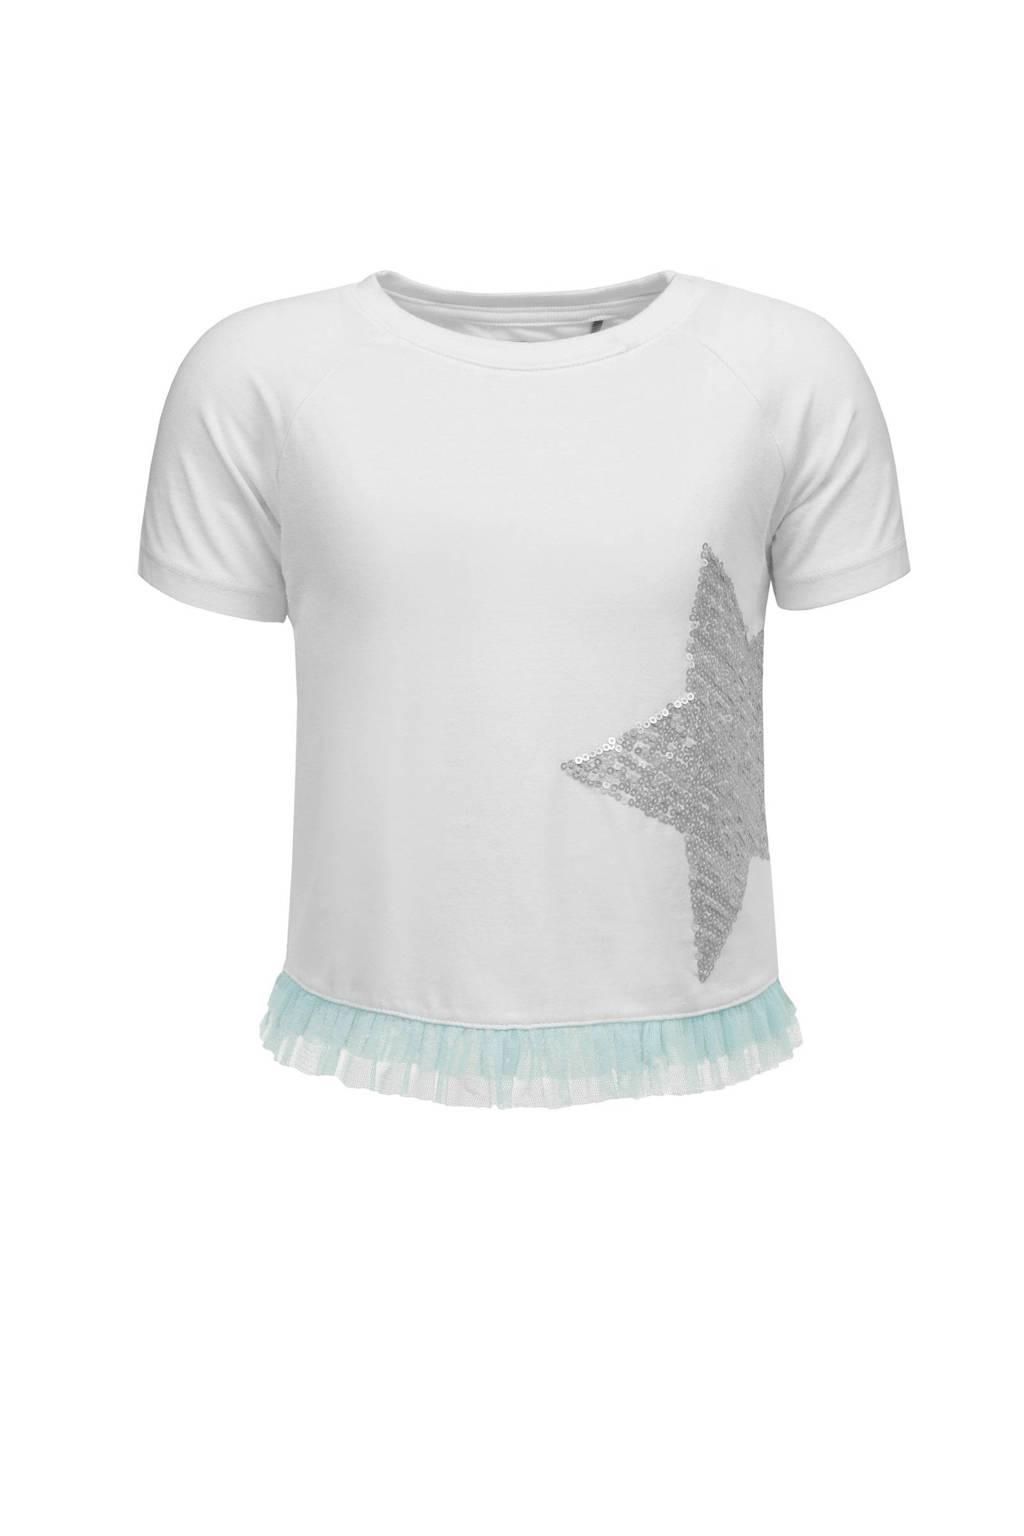 bellybutton T-shirt met pailletten en tule, Wit/zilver/mintgroen